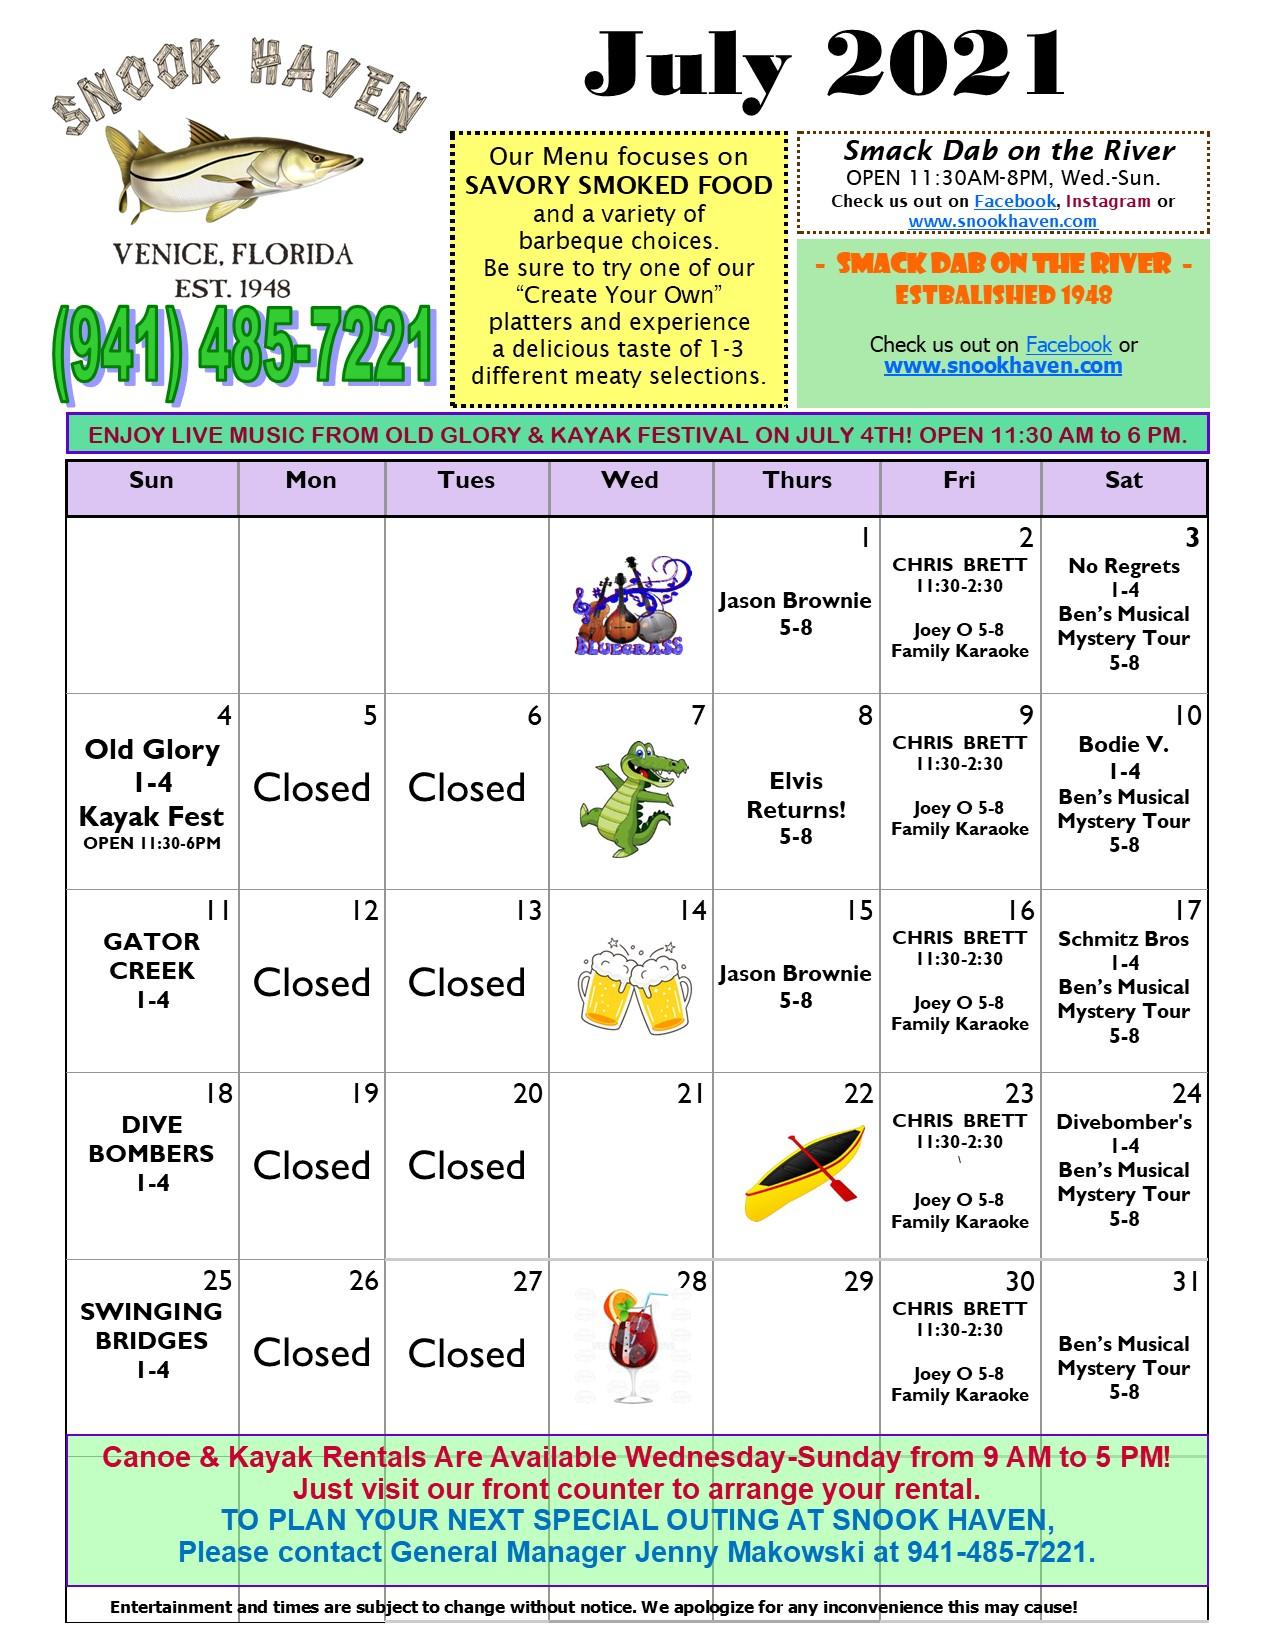 July Music & Event Calendar